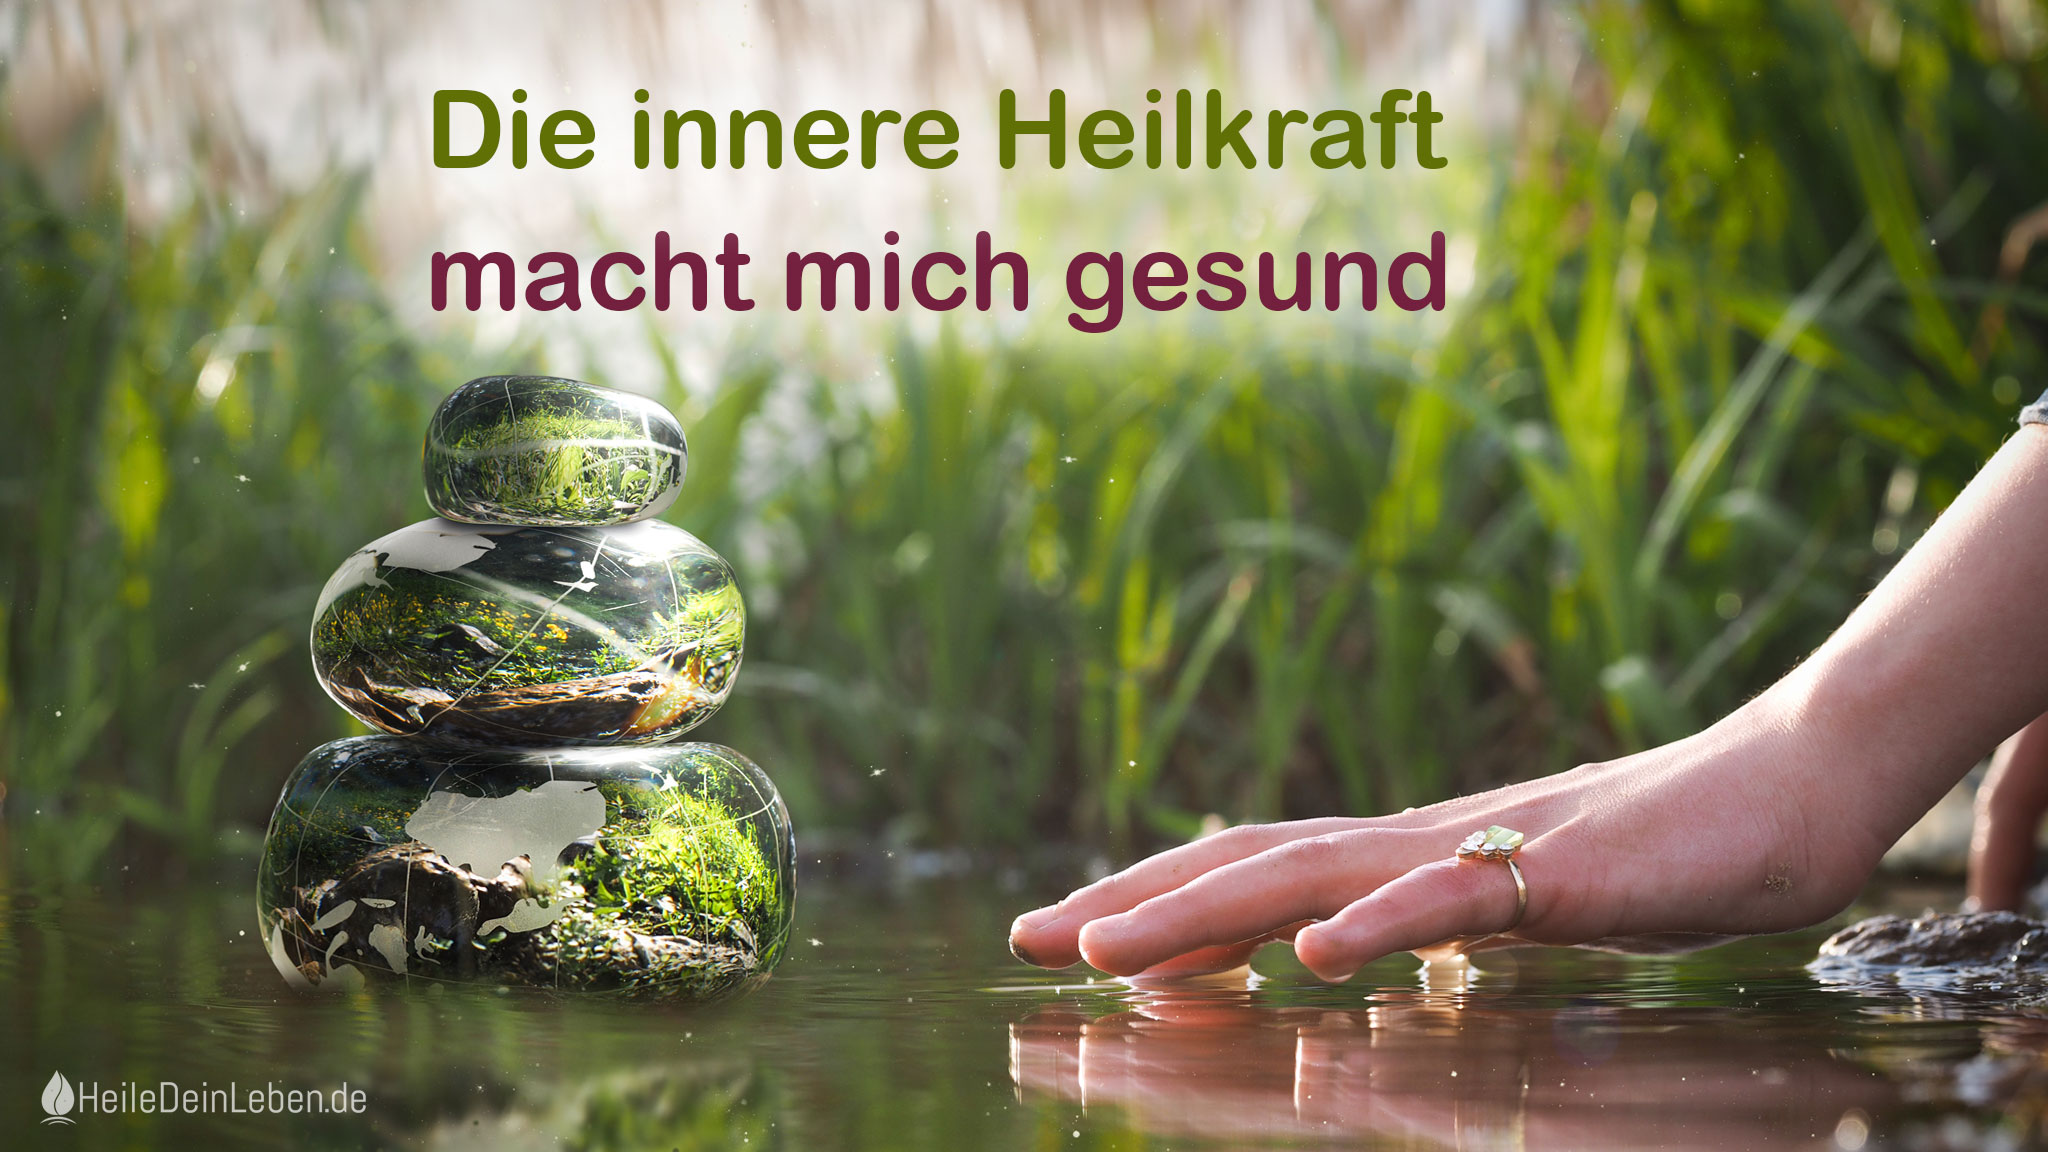 Naturbild mit Text - Die innere Heilkraft macht mich gesund.